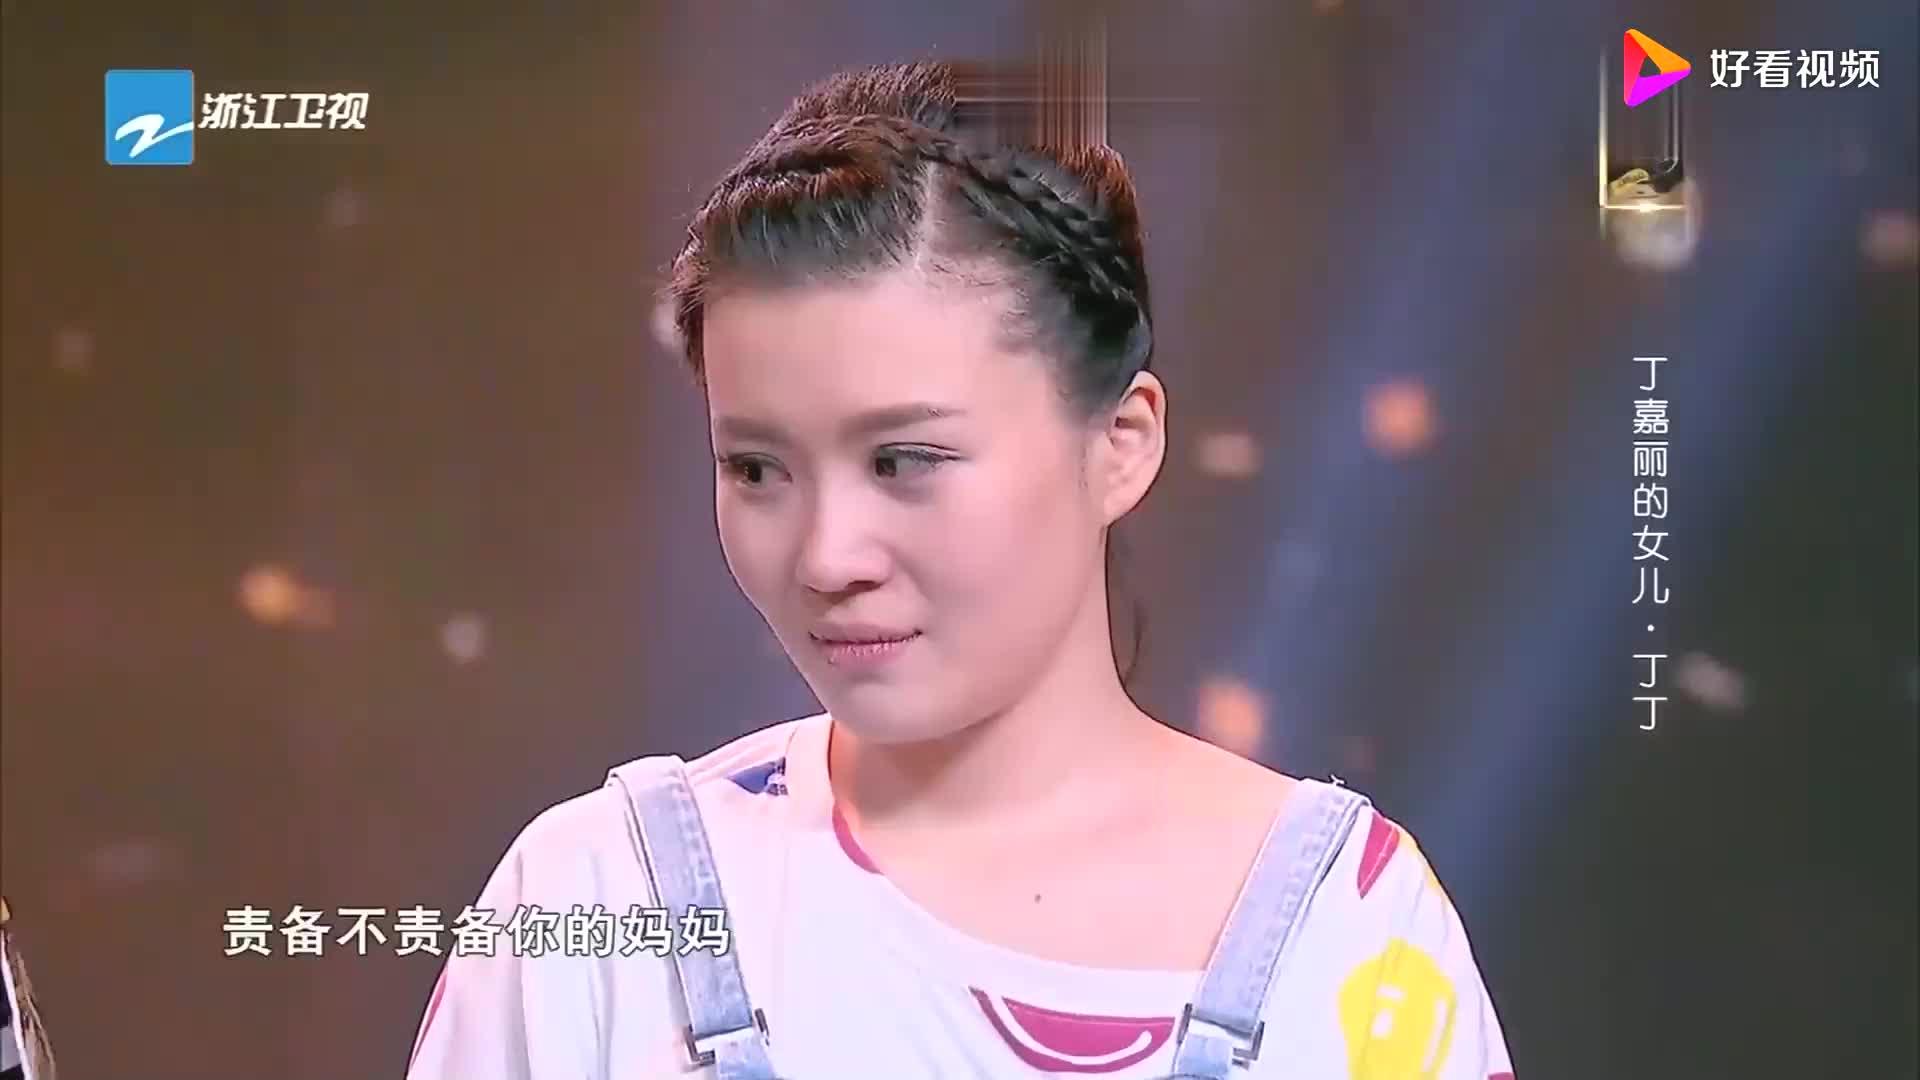 我不是明星:潘长江希望丁丁不要责备妈妈,跟丁嘉丽是很好的朋友